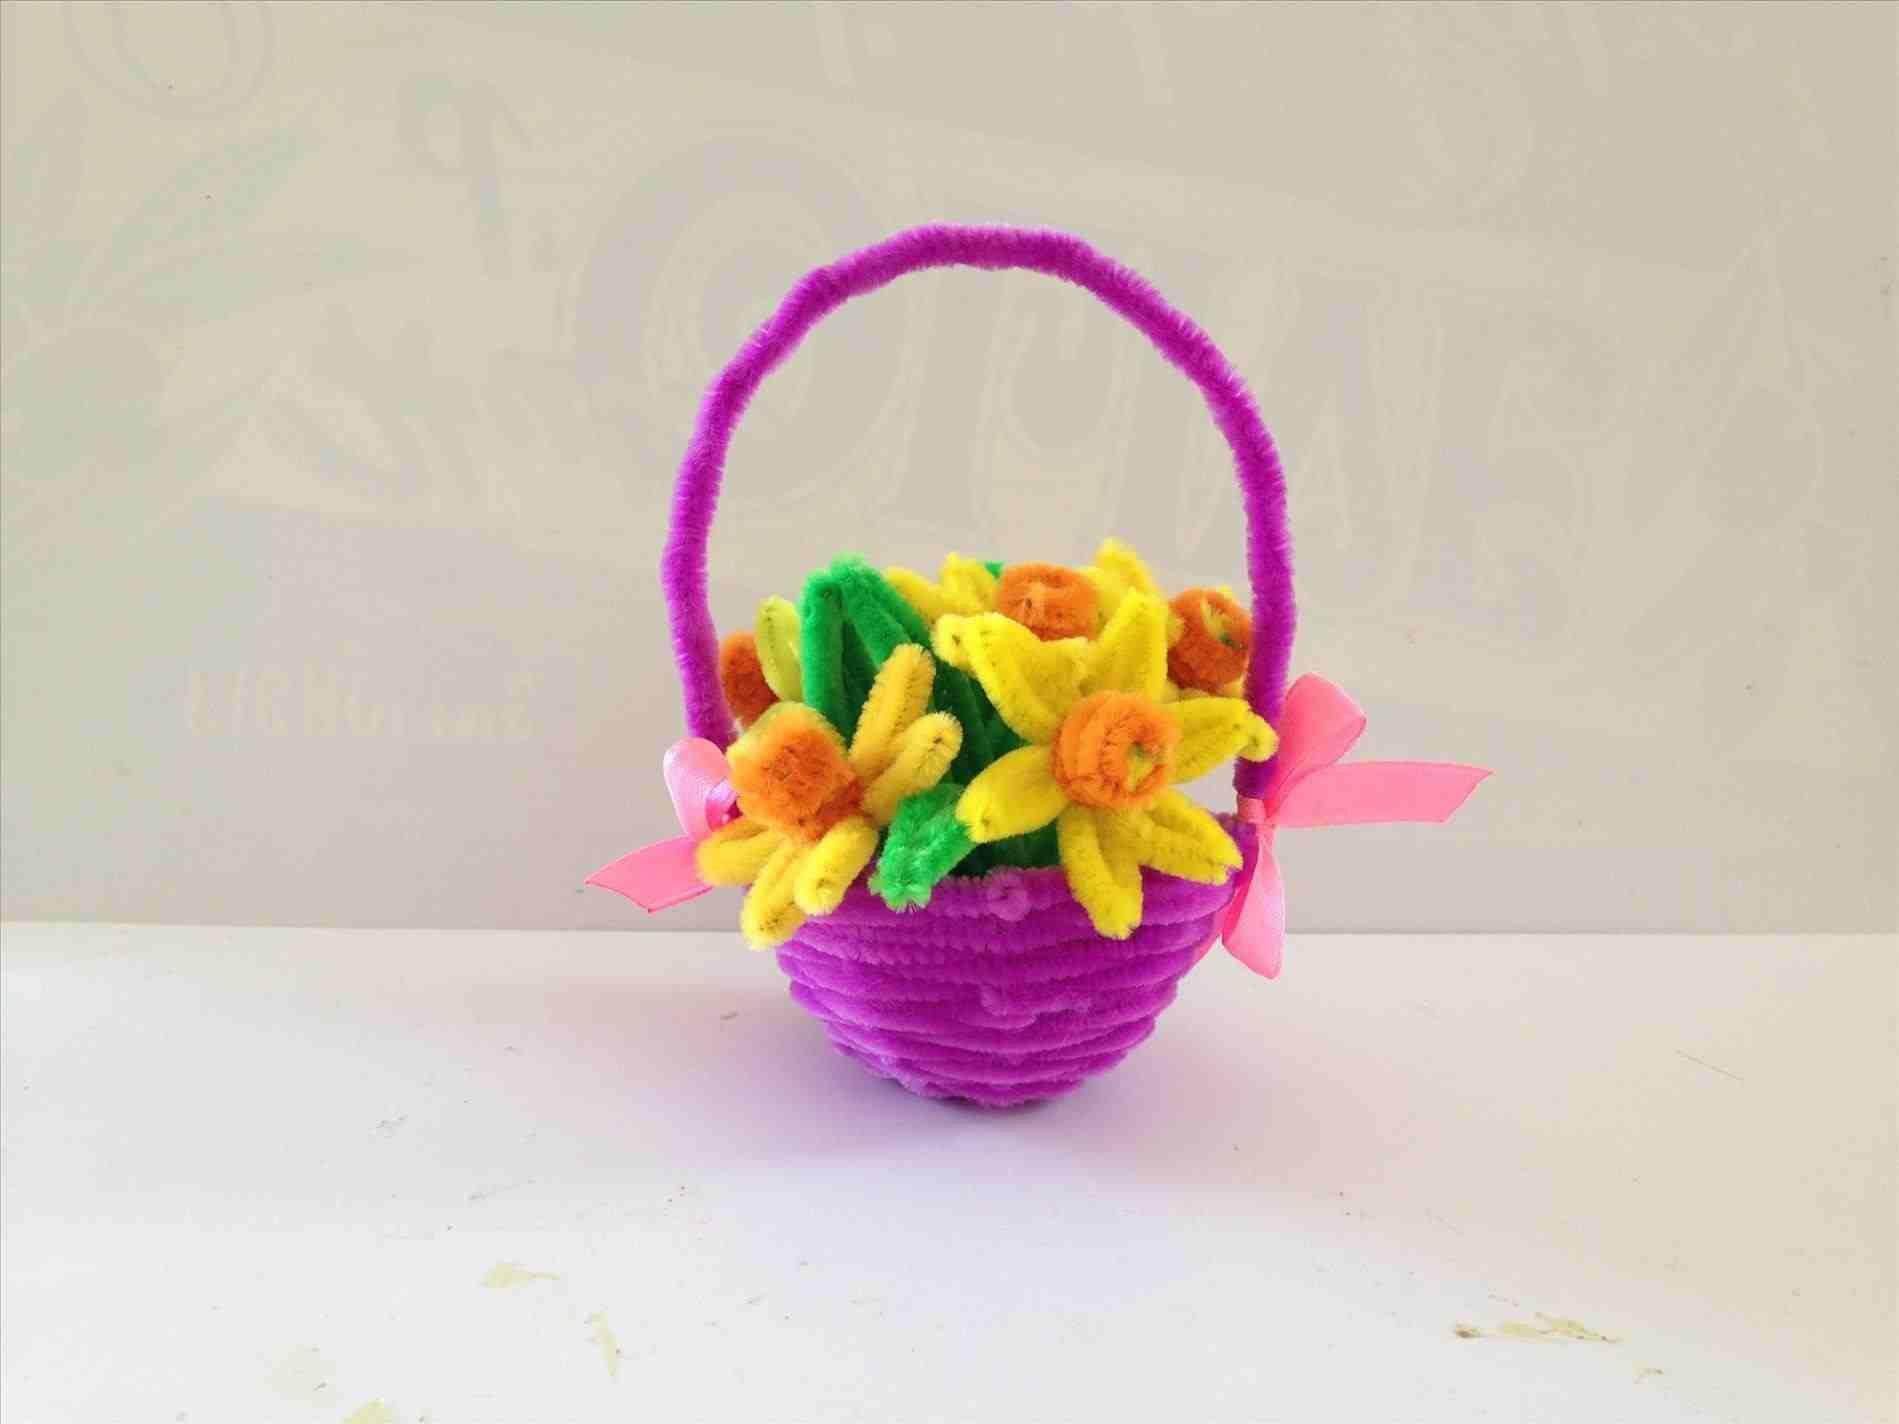 06d3599cc Crafts Basket - diy wedding gift basket for bangles